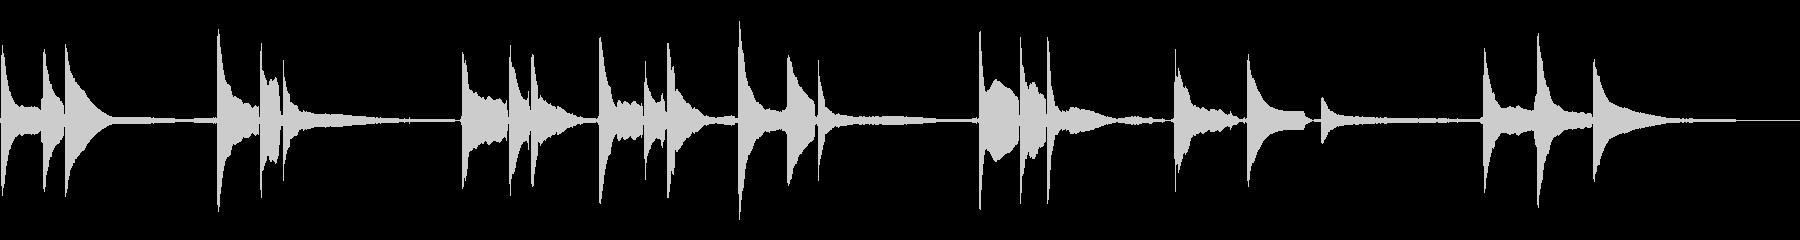 マンドリン:ラストポスト、シングル...の未再生の波形